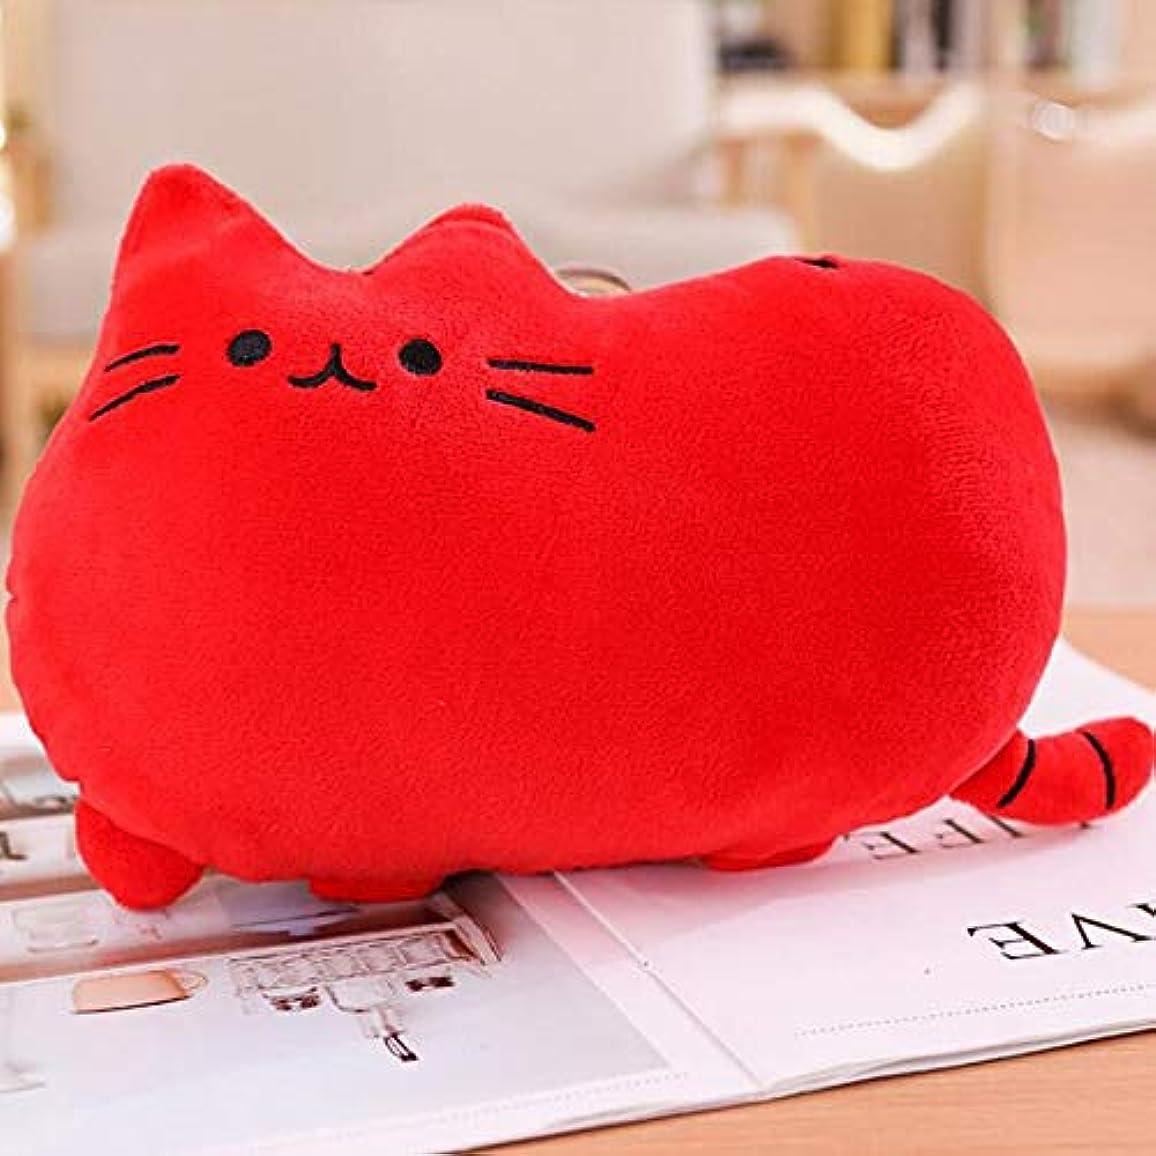 リング他のバンドで状LIFE8 色かわいい脂肪猫ベビーぬいぐるみ 20/40 センチメートル枕人形子供のための高品質ソフトクッション綿 Brinquedos 子供のためのギフトクッション 椅子